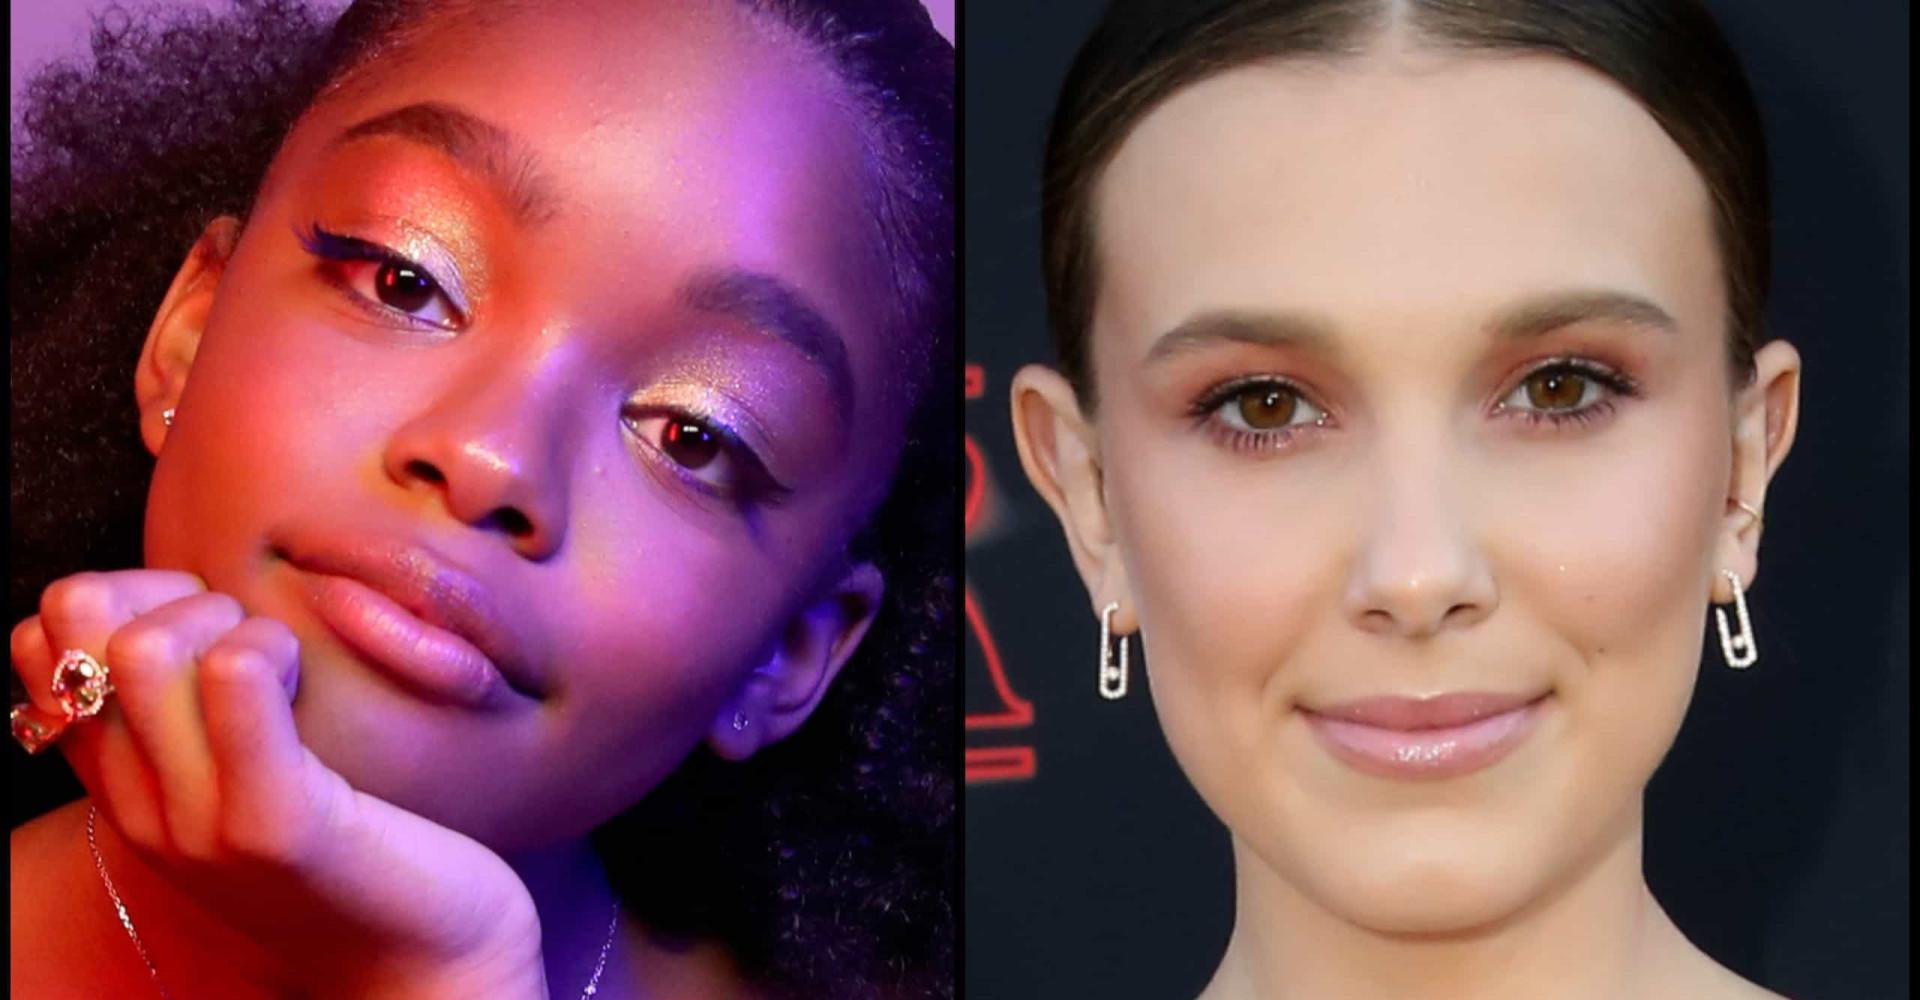 Enfants stars: le cru 2019 va faire des étincelles